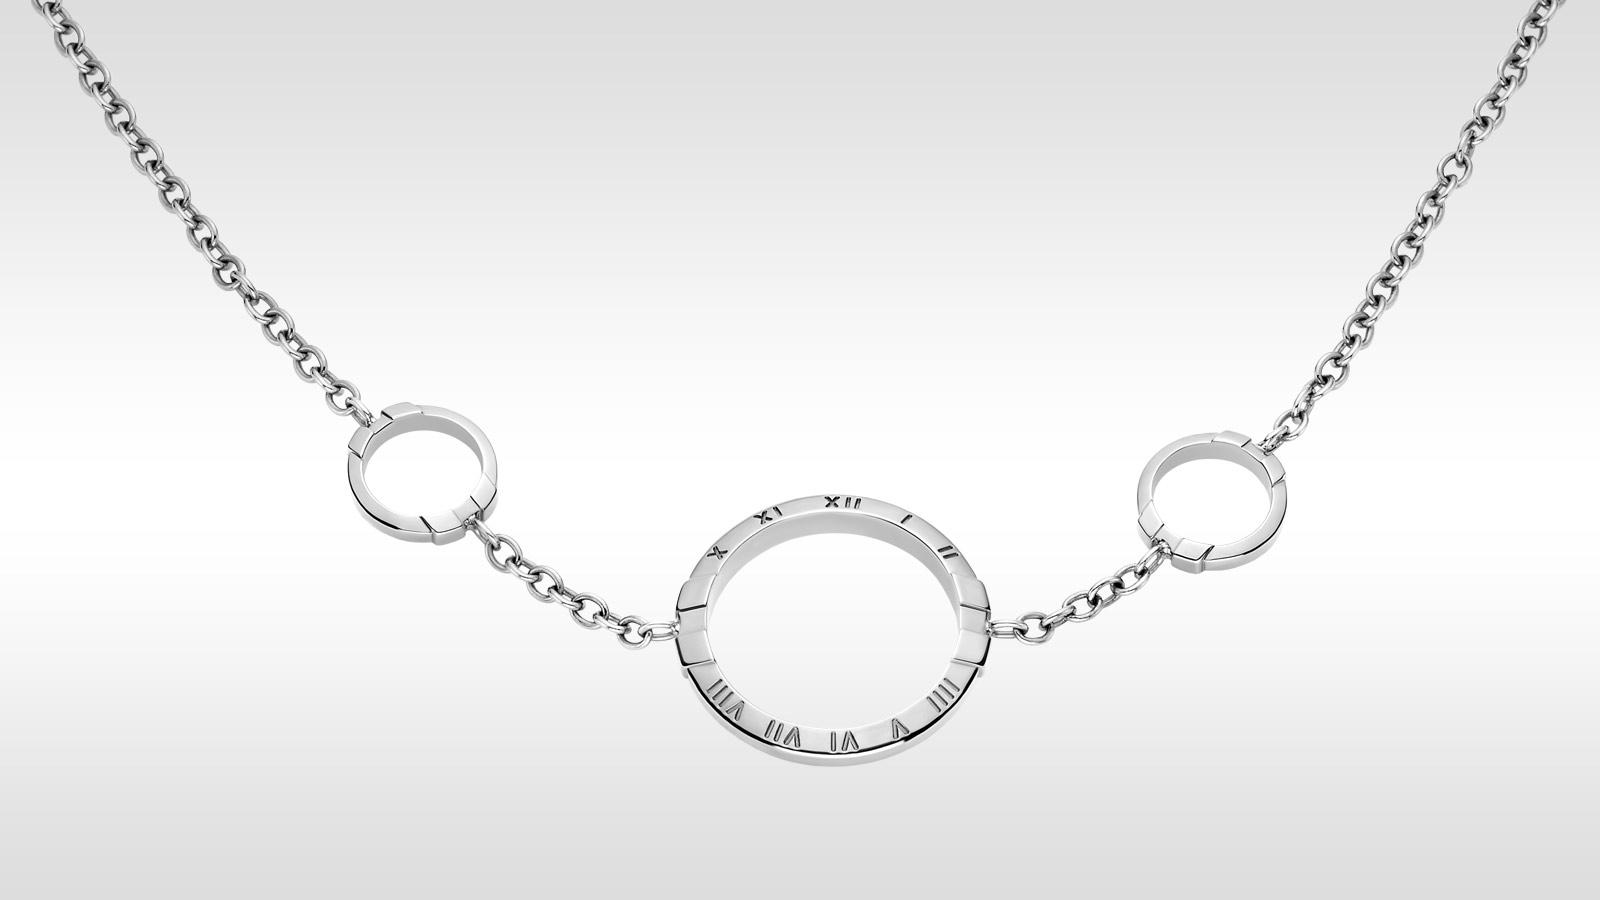 星座系列 项链 星座系列 项链 - N76BCA0100105 - 查看 1